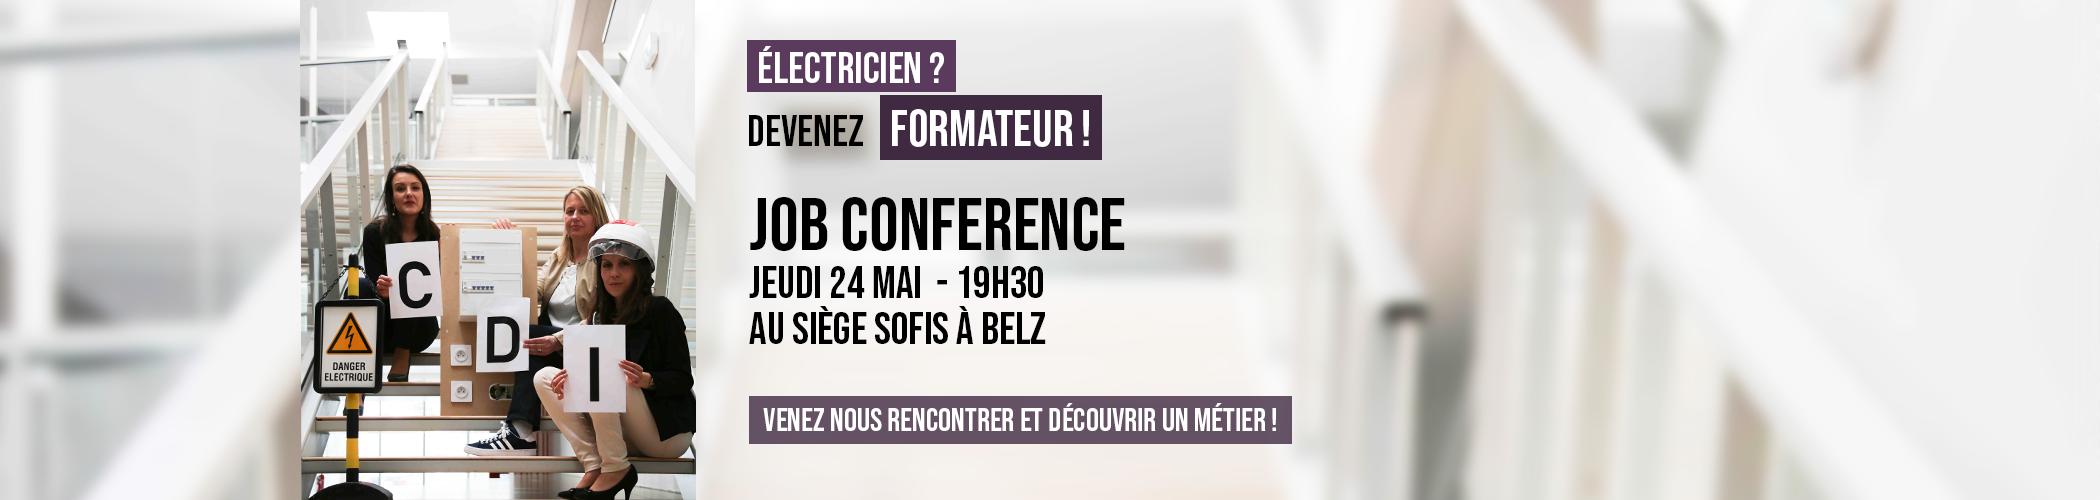 Job Conference Formateur Habilitation Electrique le 24.05.2018 à 19h30 à Belz